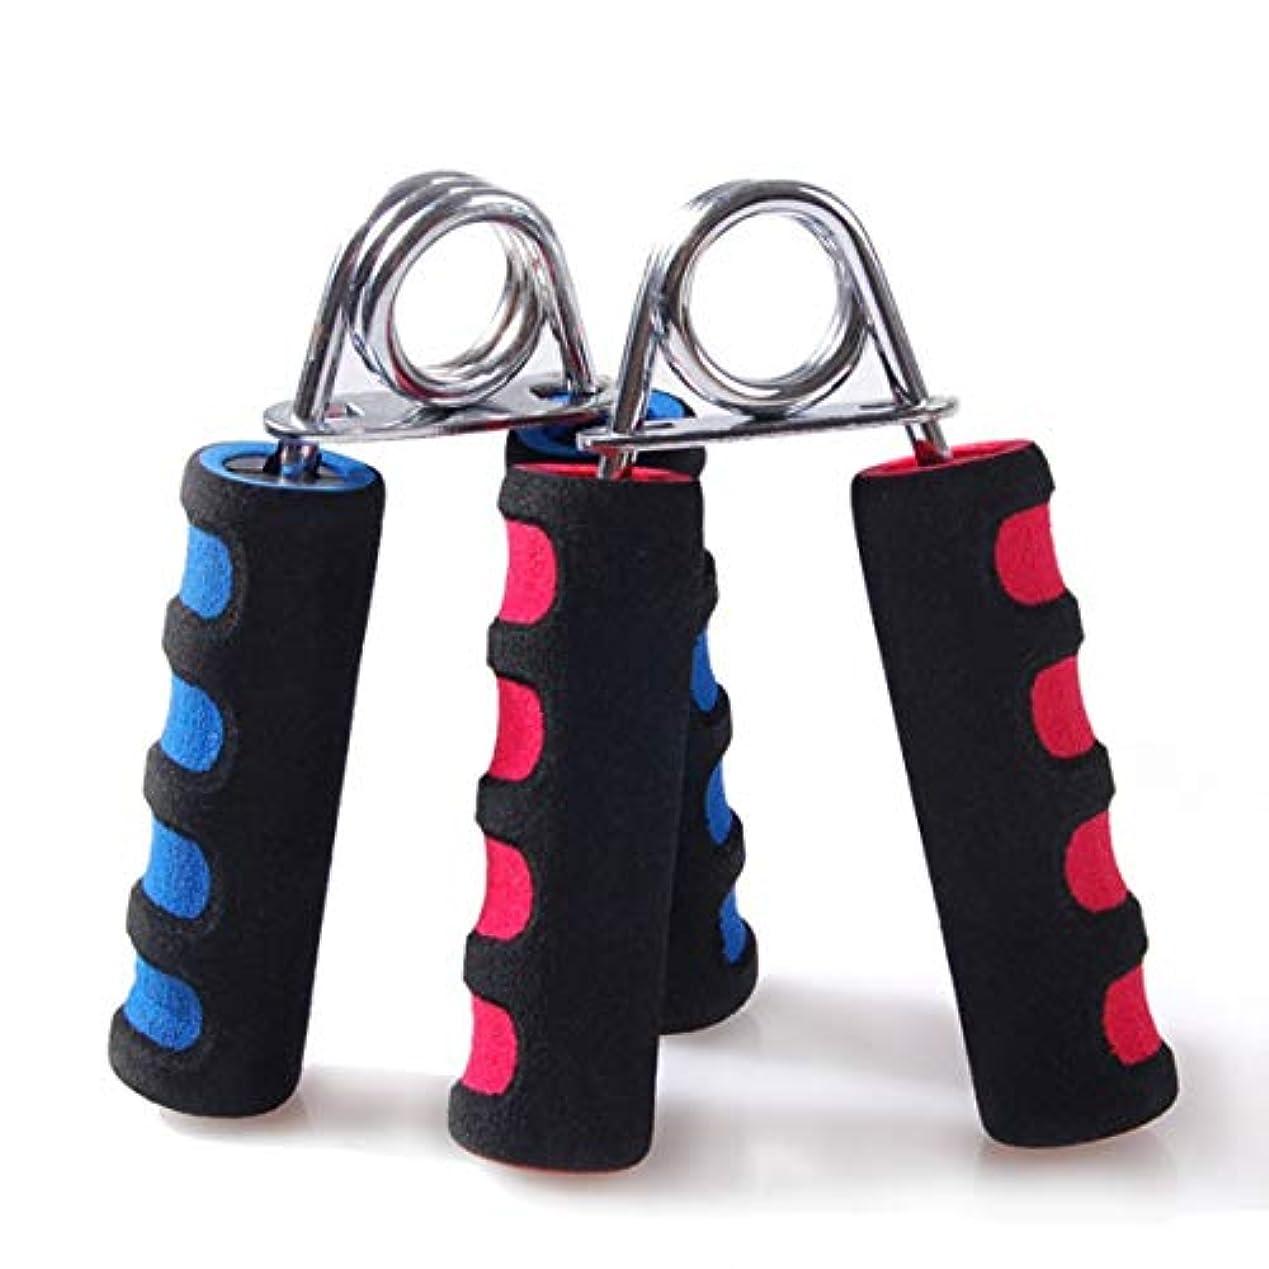 八百屋規則性ハンドグリッパーアーム手首エクササイザーフィットネスグリップジムと毎日の運動のためのヘビーストレングストレーナー-カラーランダム